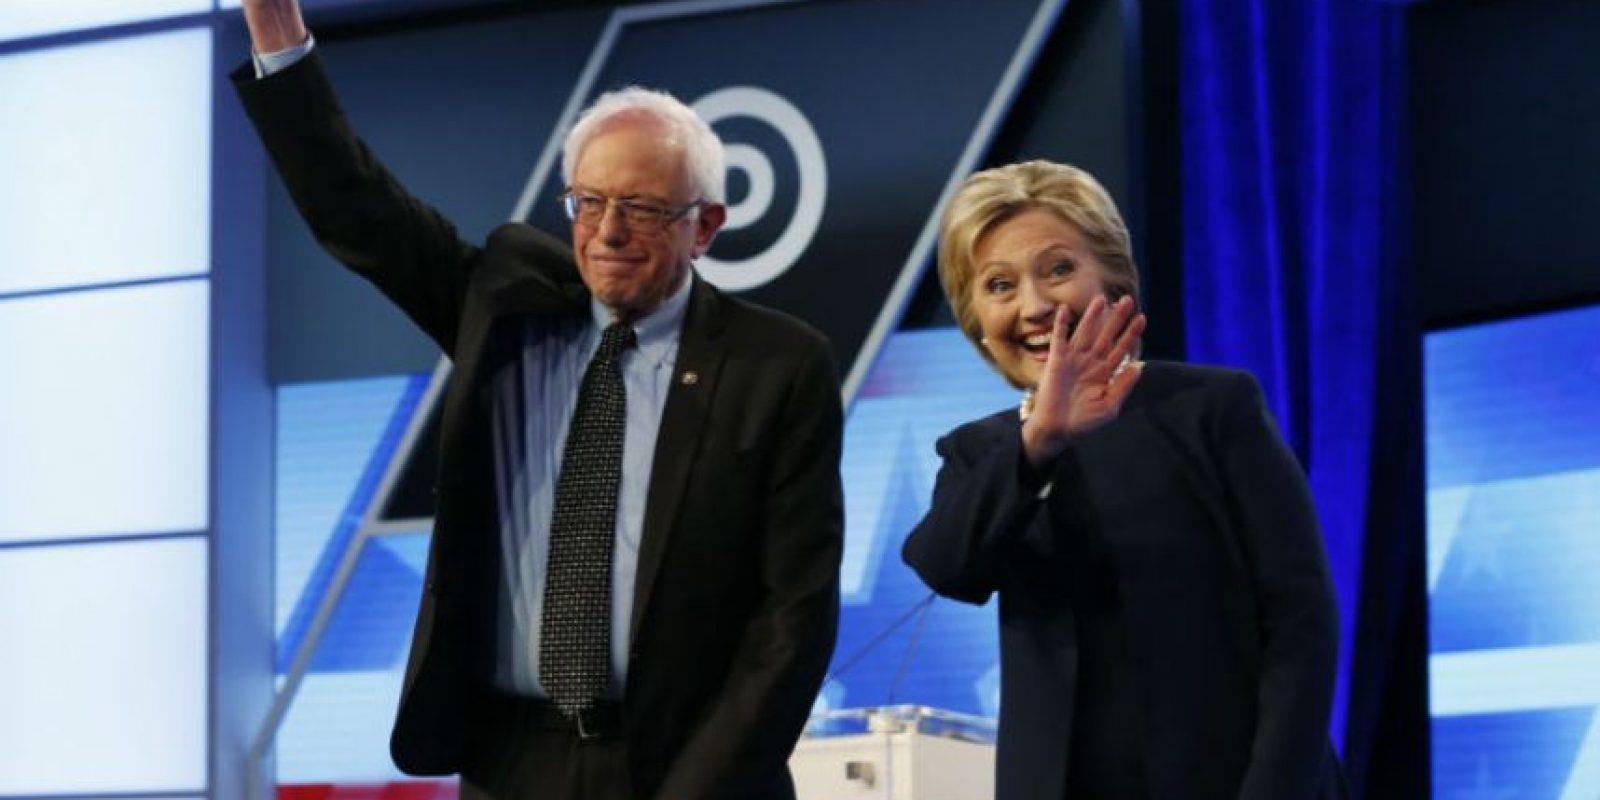 Bernie Sanders y Hillary Clinton, precandidatos presidenciales demócratas, fueron noticia después de su más reciente debate en Miami. Foto:AP